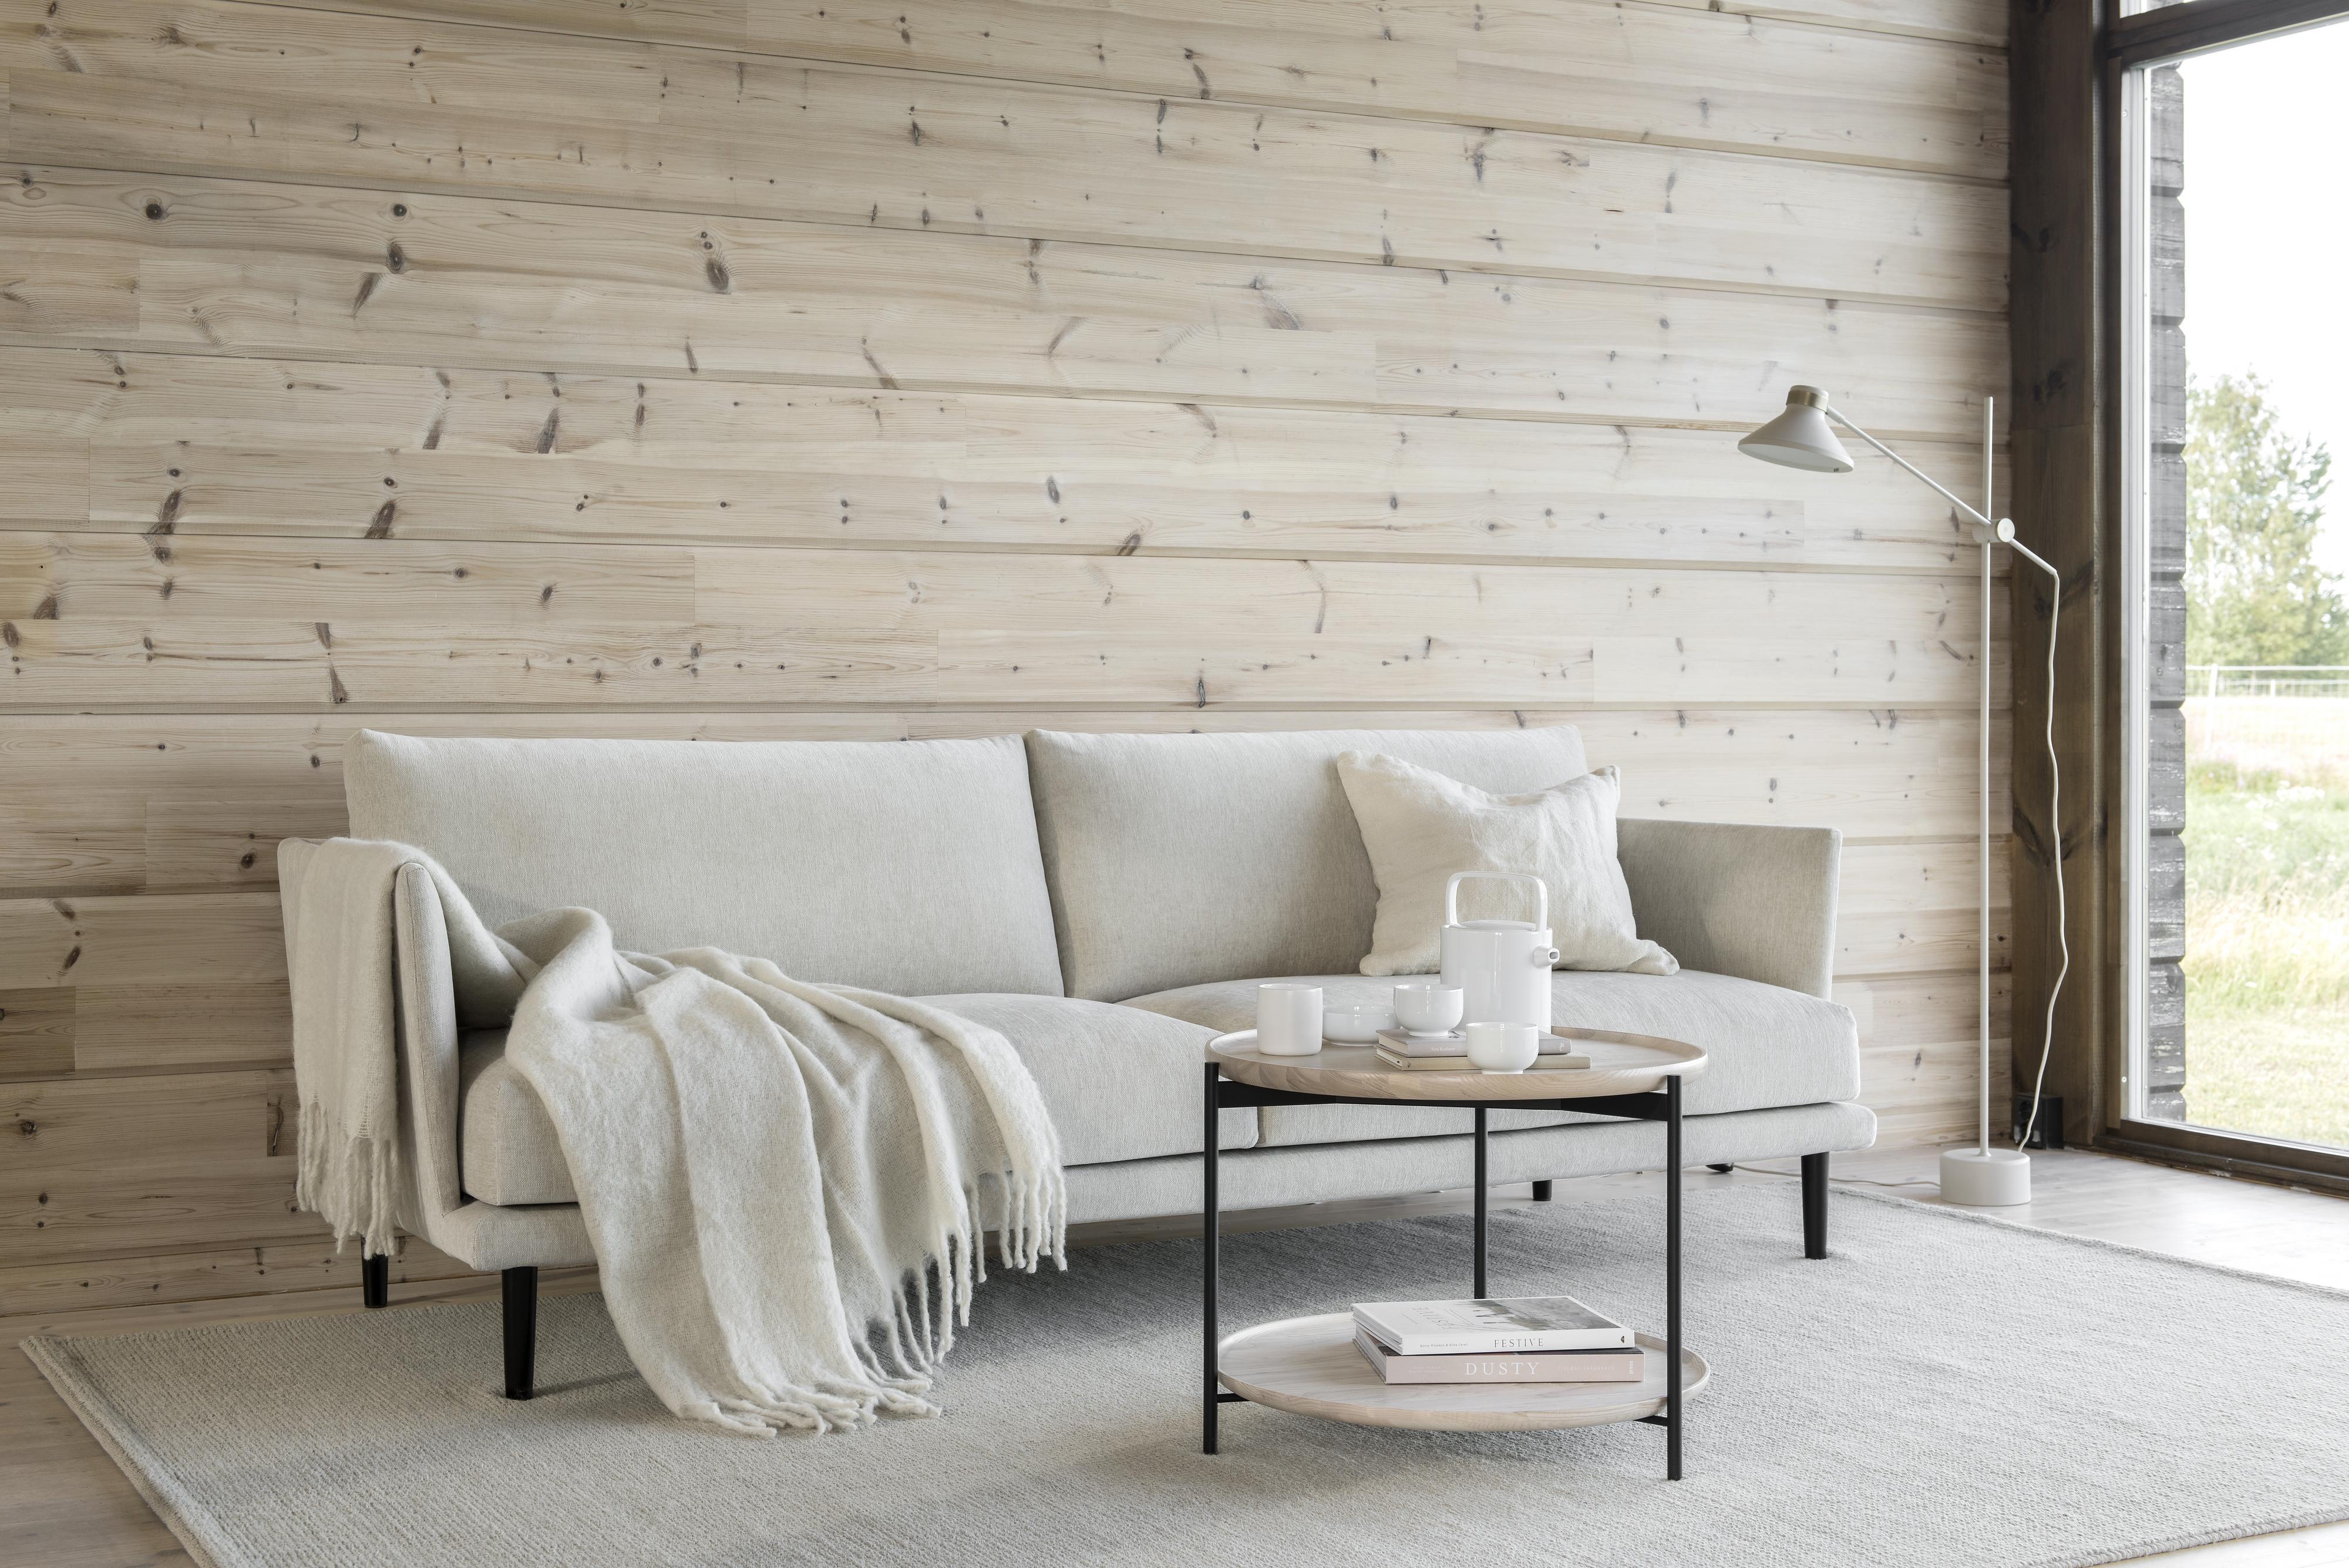 Suomessa valmistettu Shapes Leaf -sohva tuo upeaa tyyliä ja mukavuutta tilaan kuin tilaan.